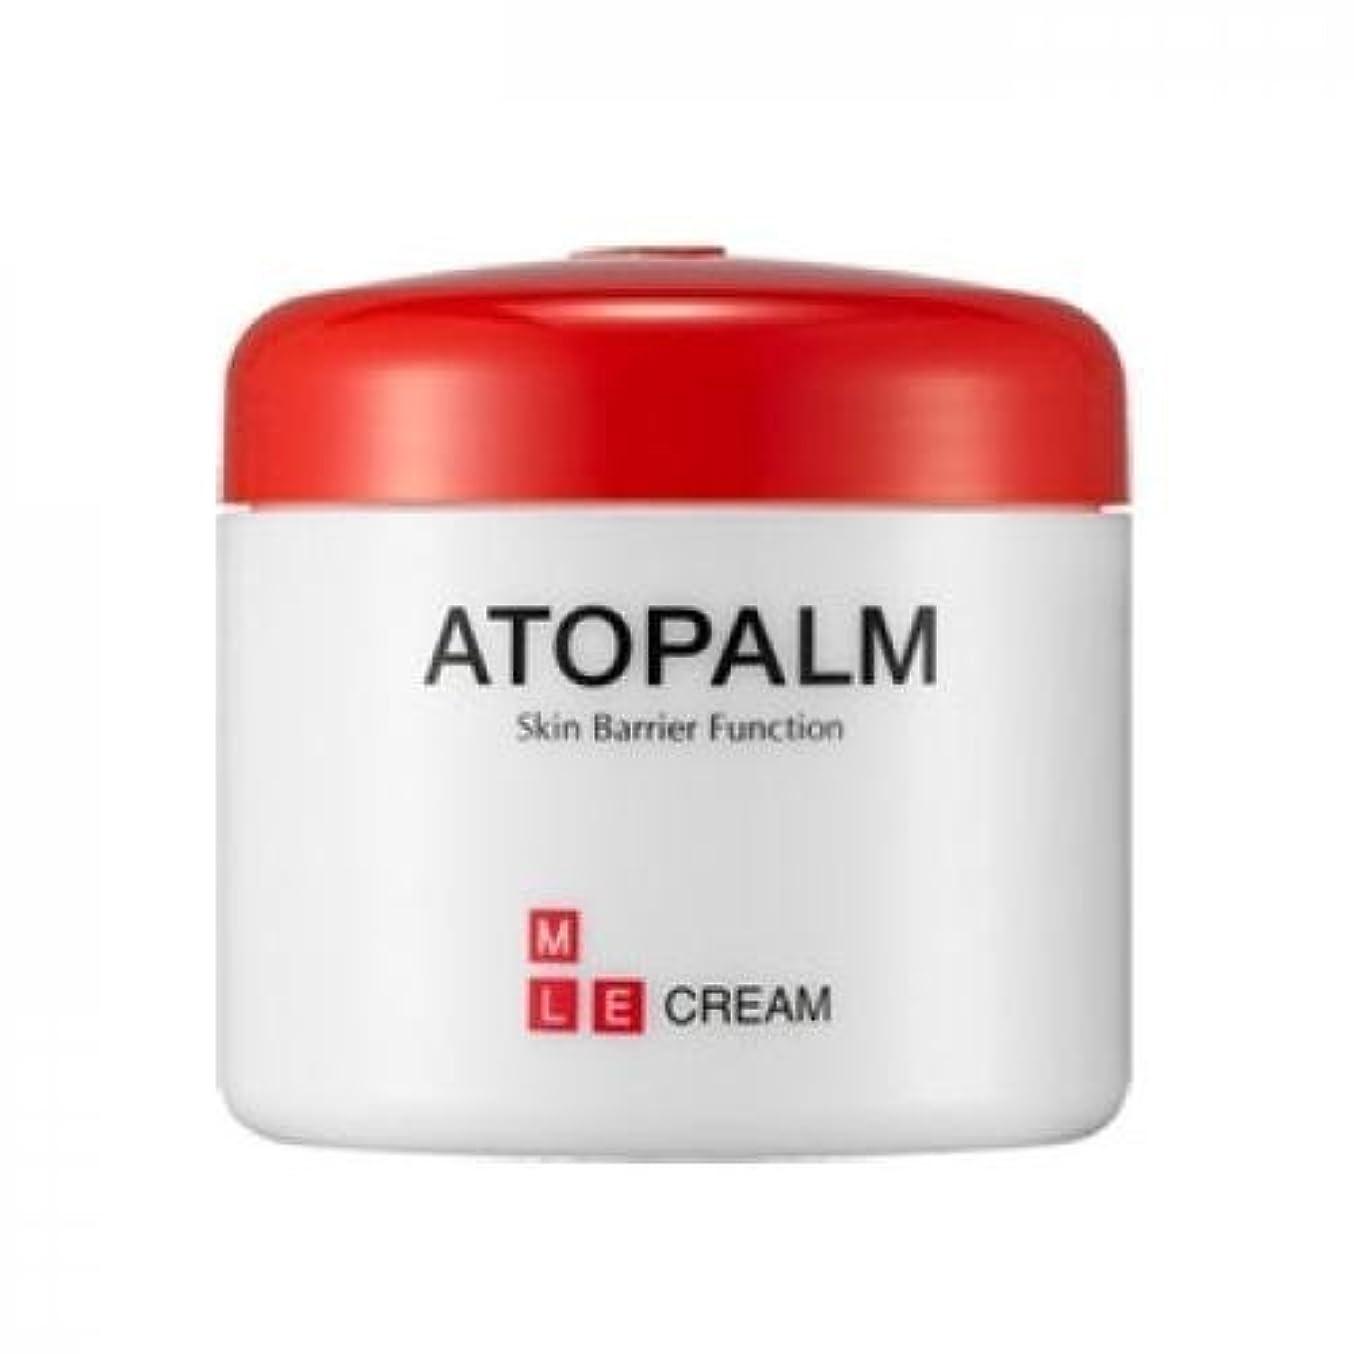 過敏な明るい納得させるATOPALM MLE Cream (160ml) (Korean original)